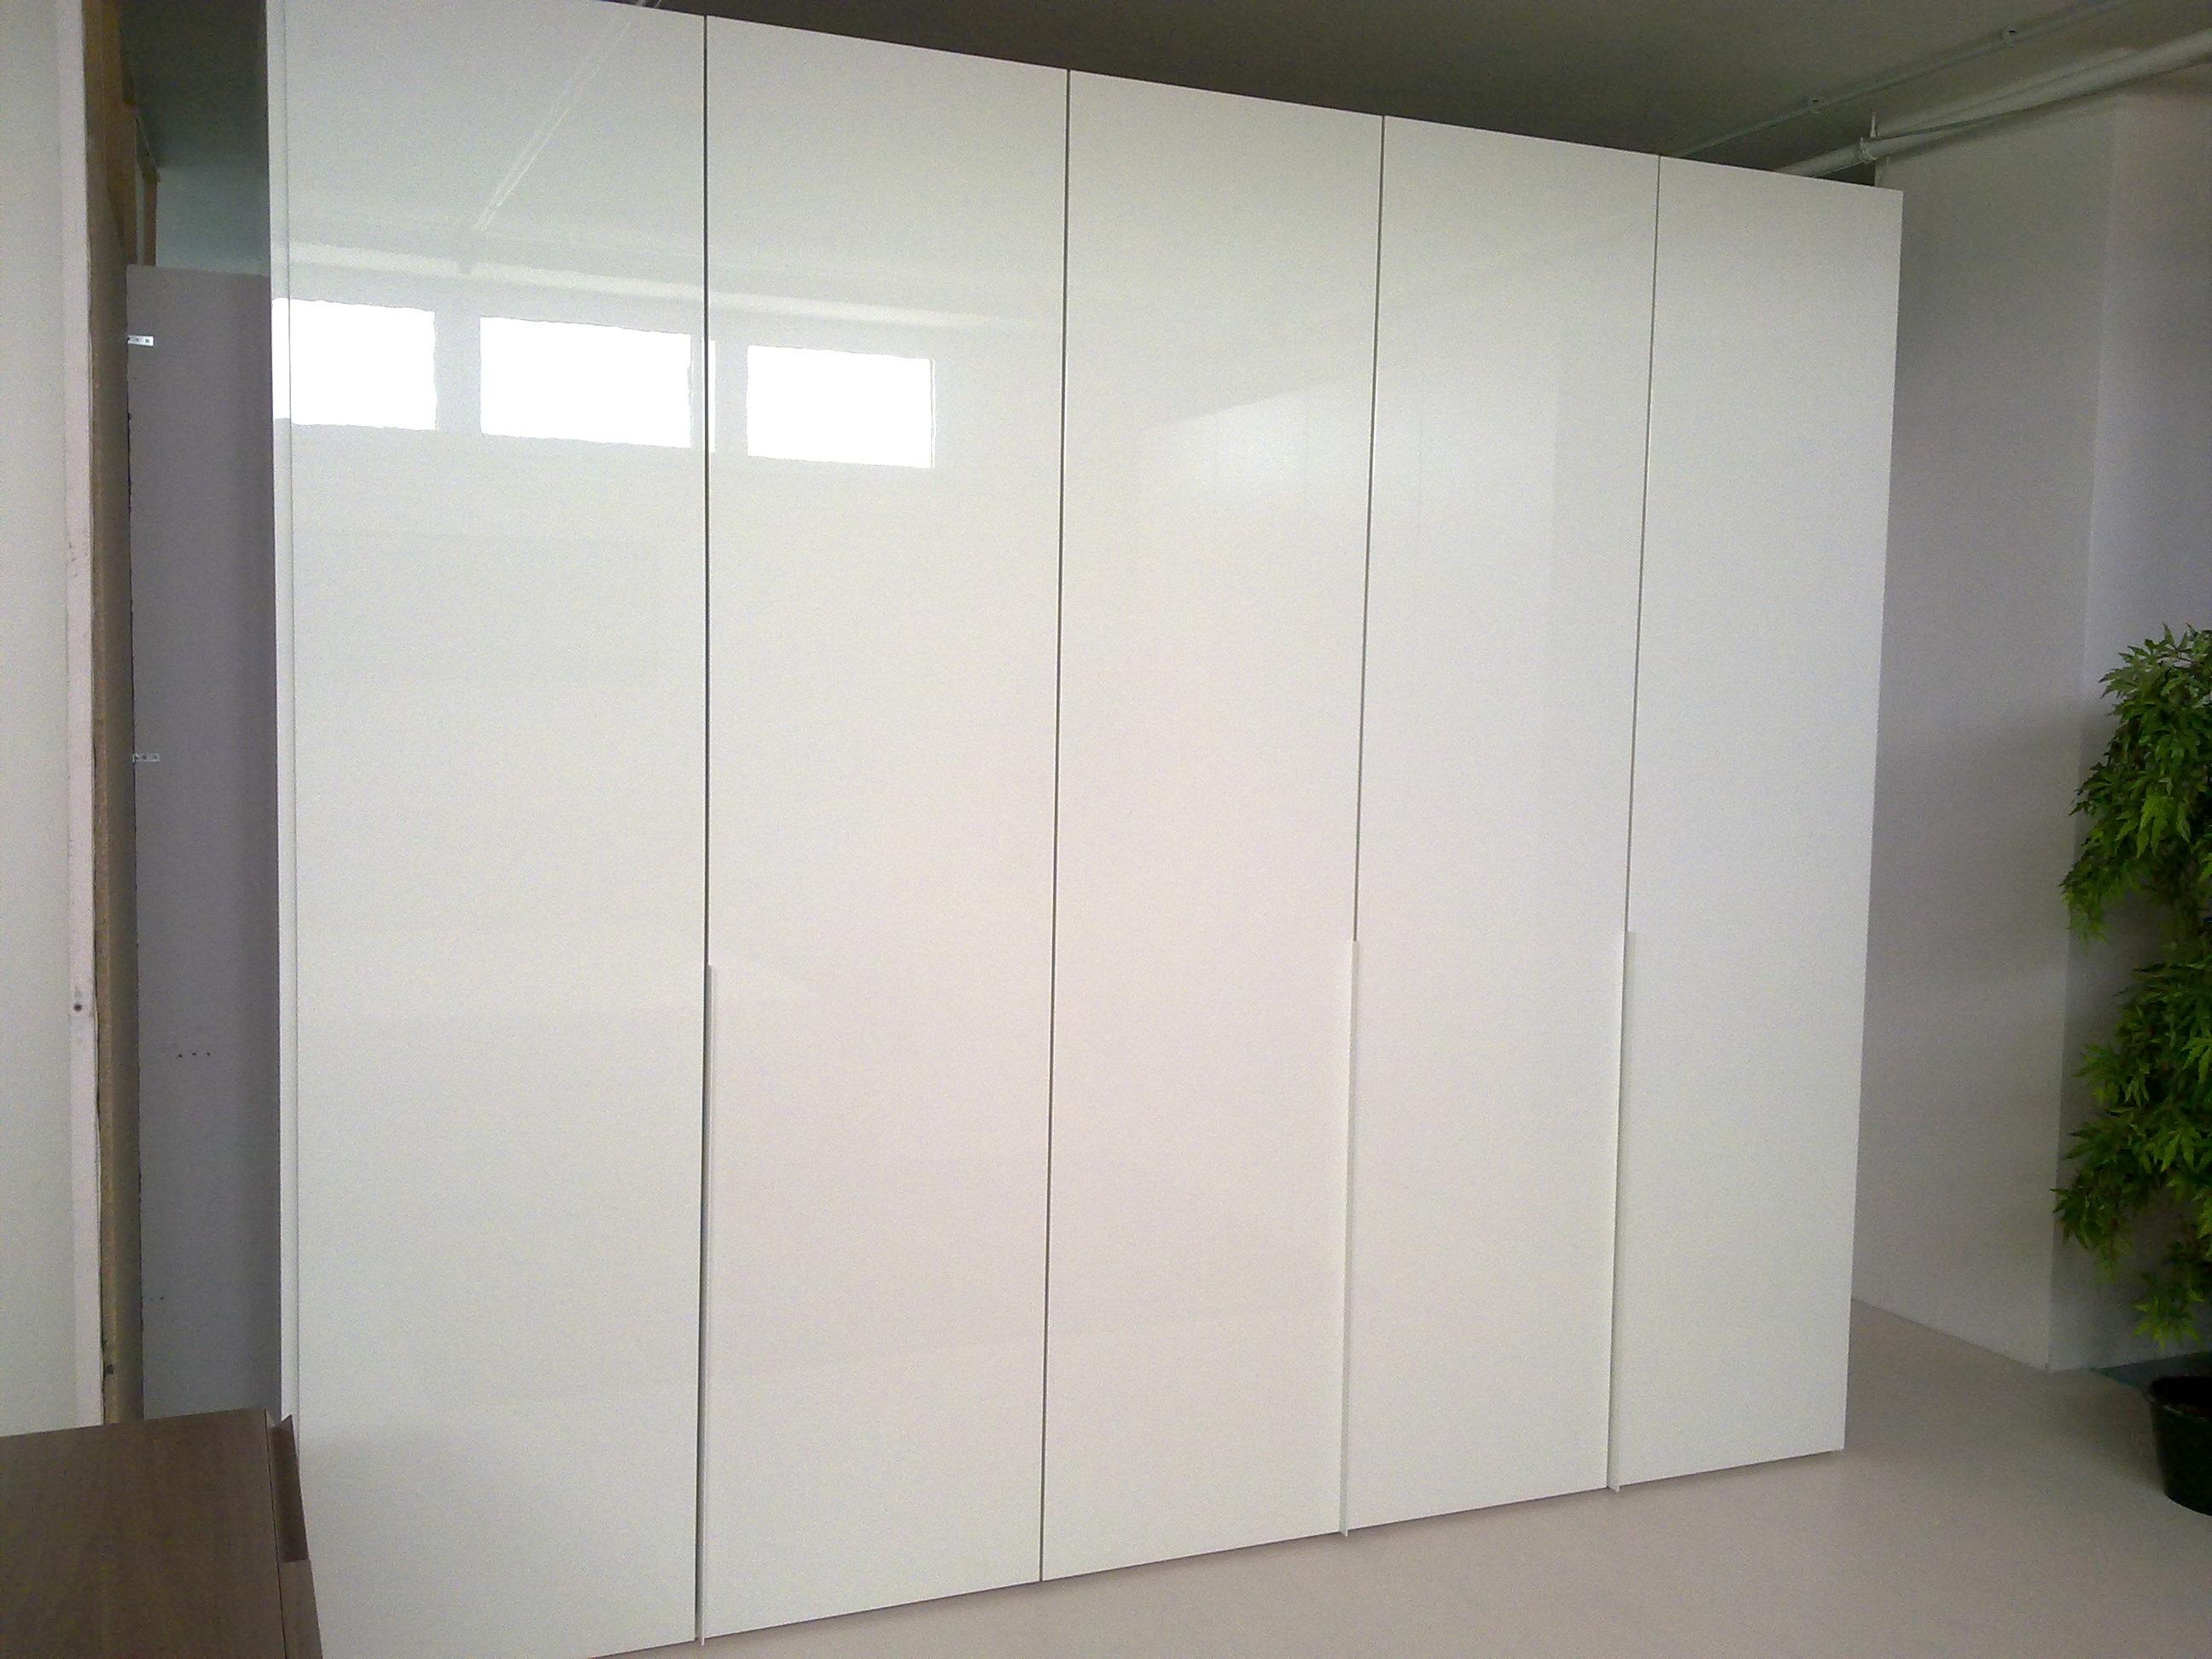 armadio pianca plana scontato del 50 armadi a prezzi scontati. Black Bedroom Furniture Sets. Home Design Ideas